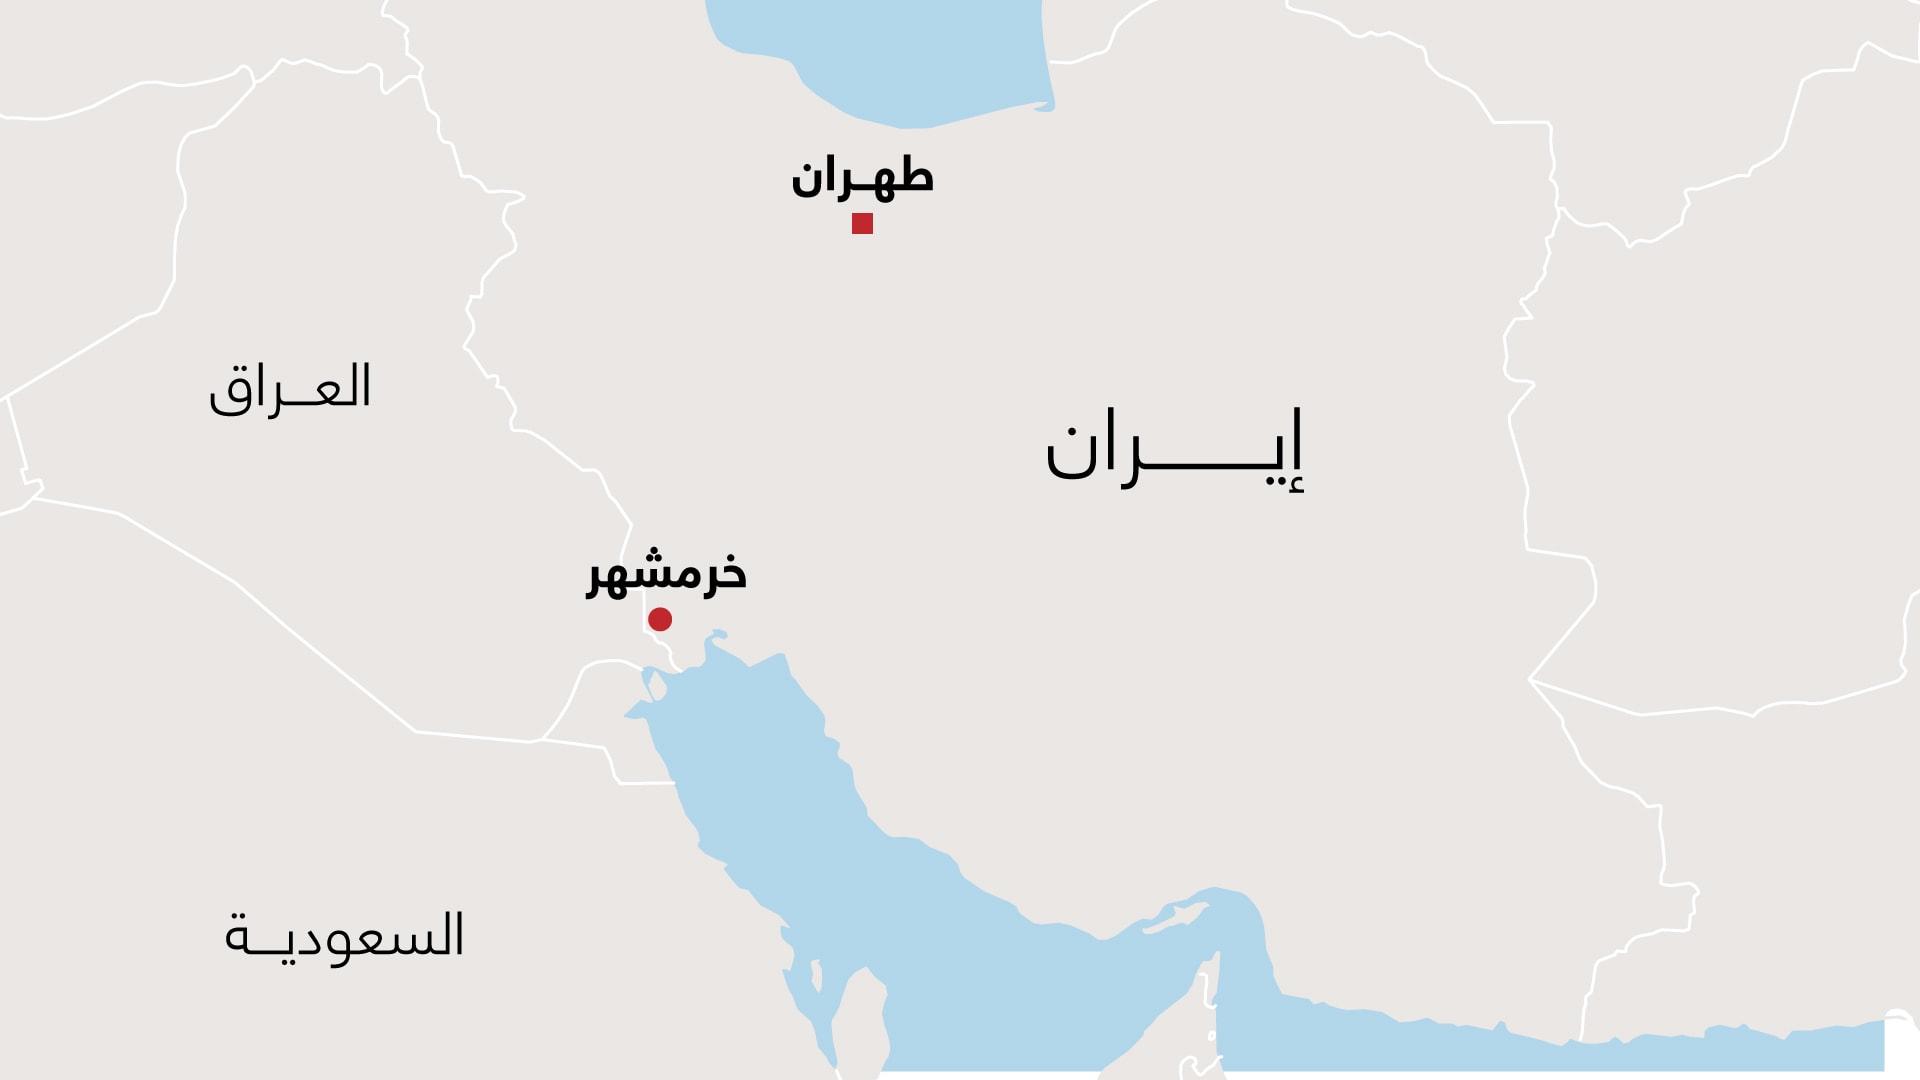 اعتصام سلمي يتحول إلى مواجهات عنيفة جنوب إيران